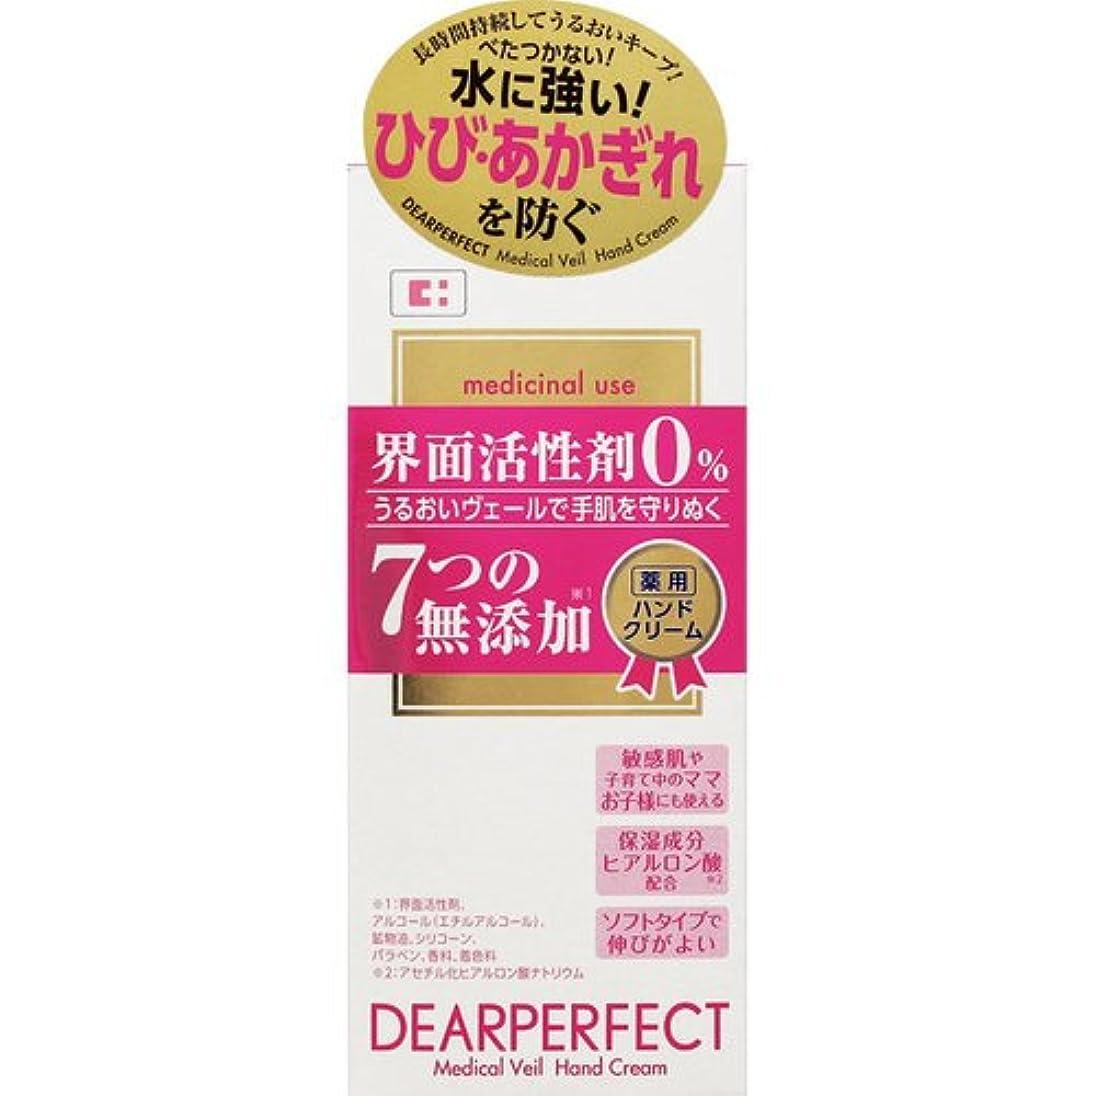 欺く独立した解放ディアパーフェクト 薬用ハンドクリーム 40g [医薬部外品]